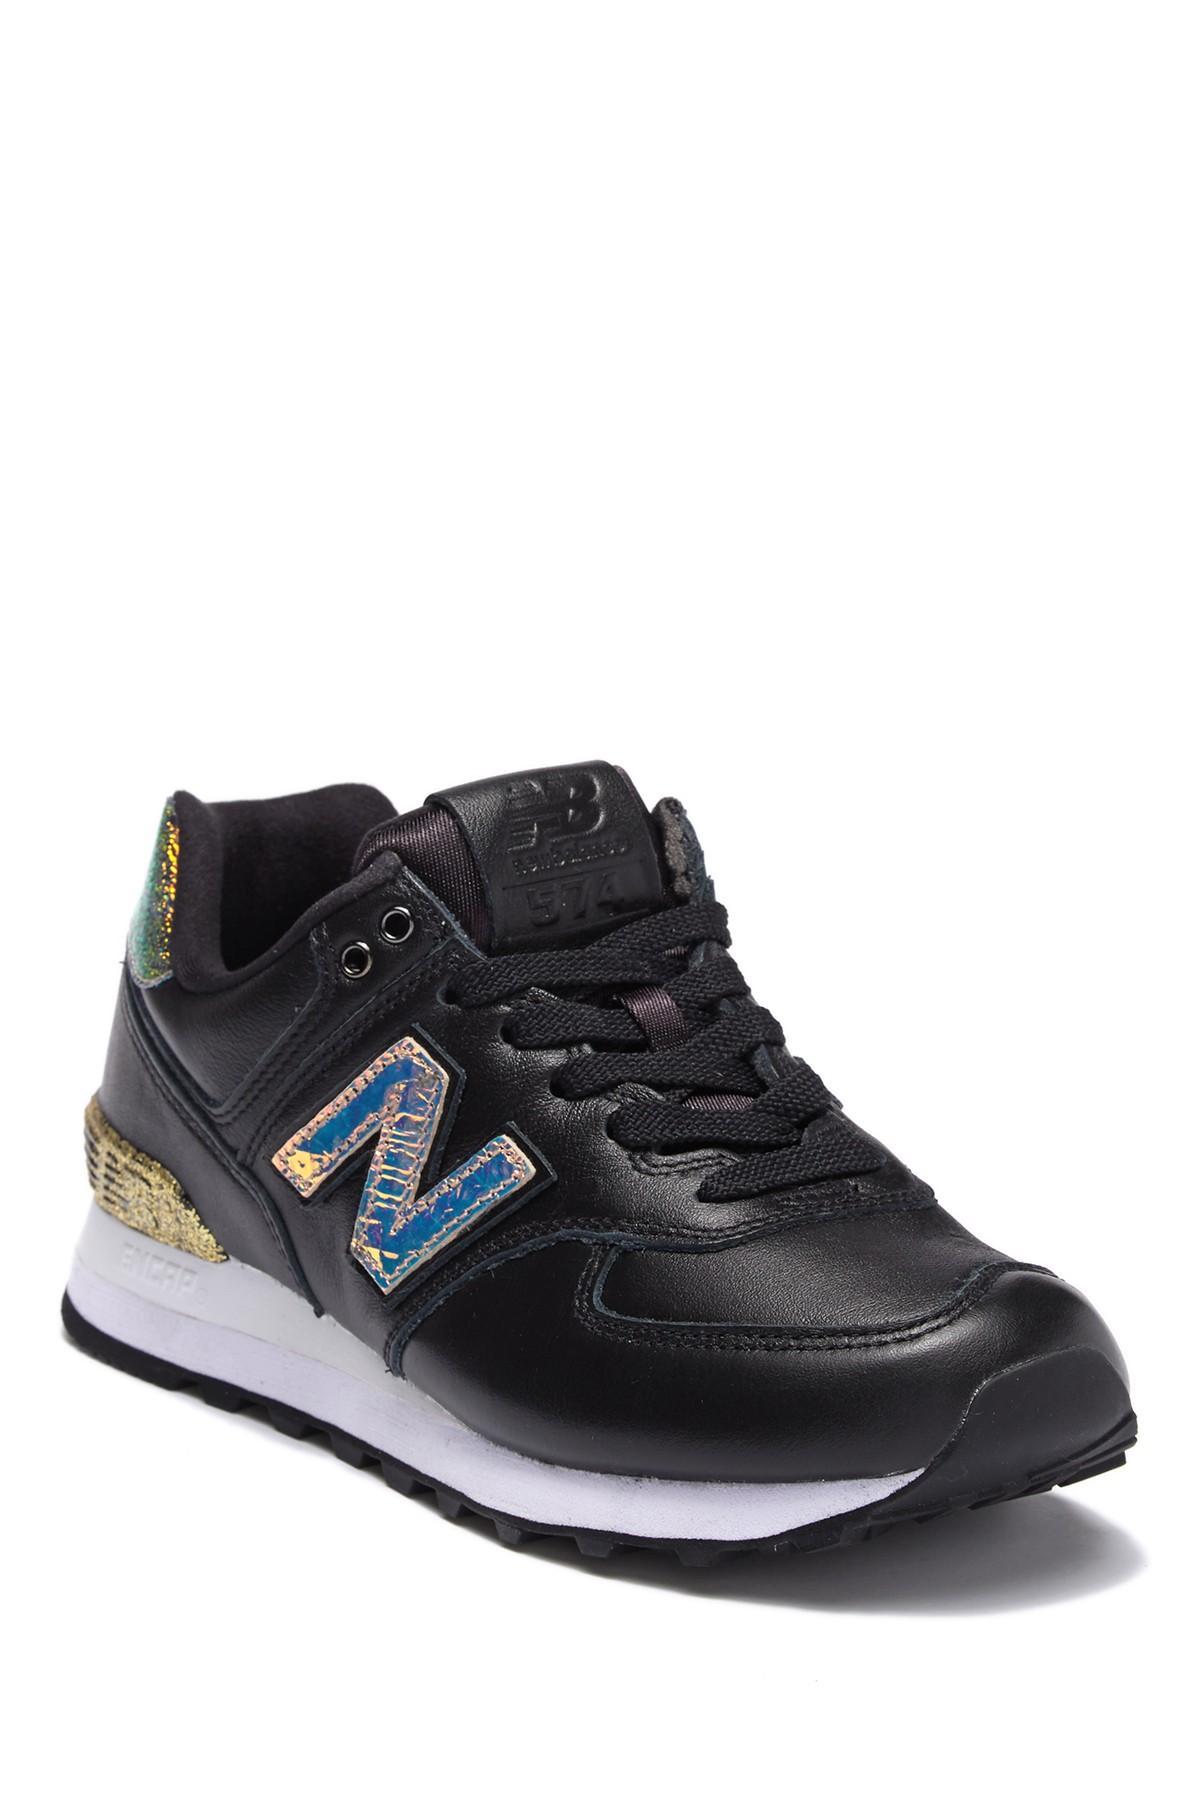 New Balance Leather 574 Glitter Punk Sneaker (women) in Black - Lyst